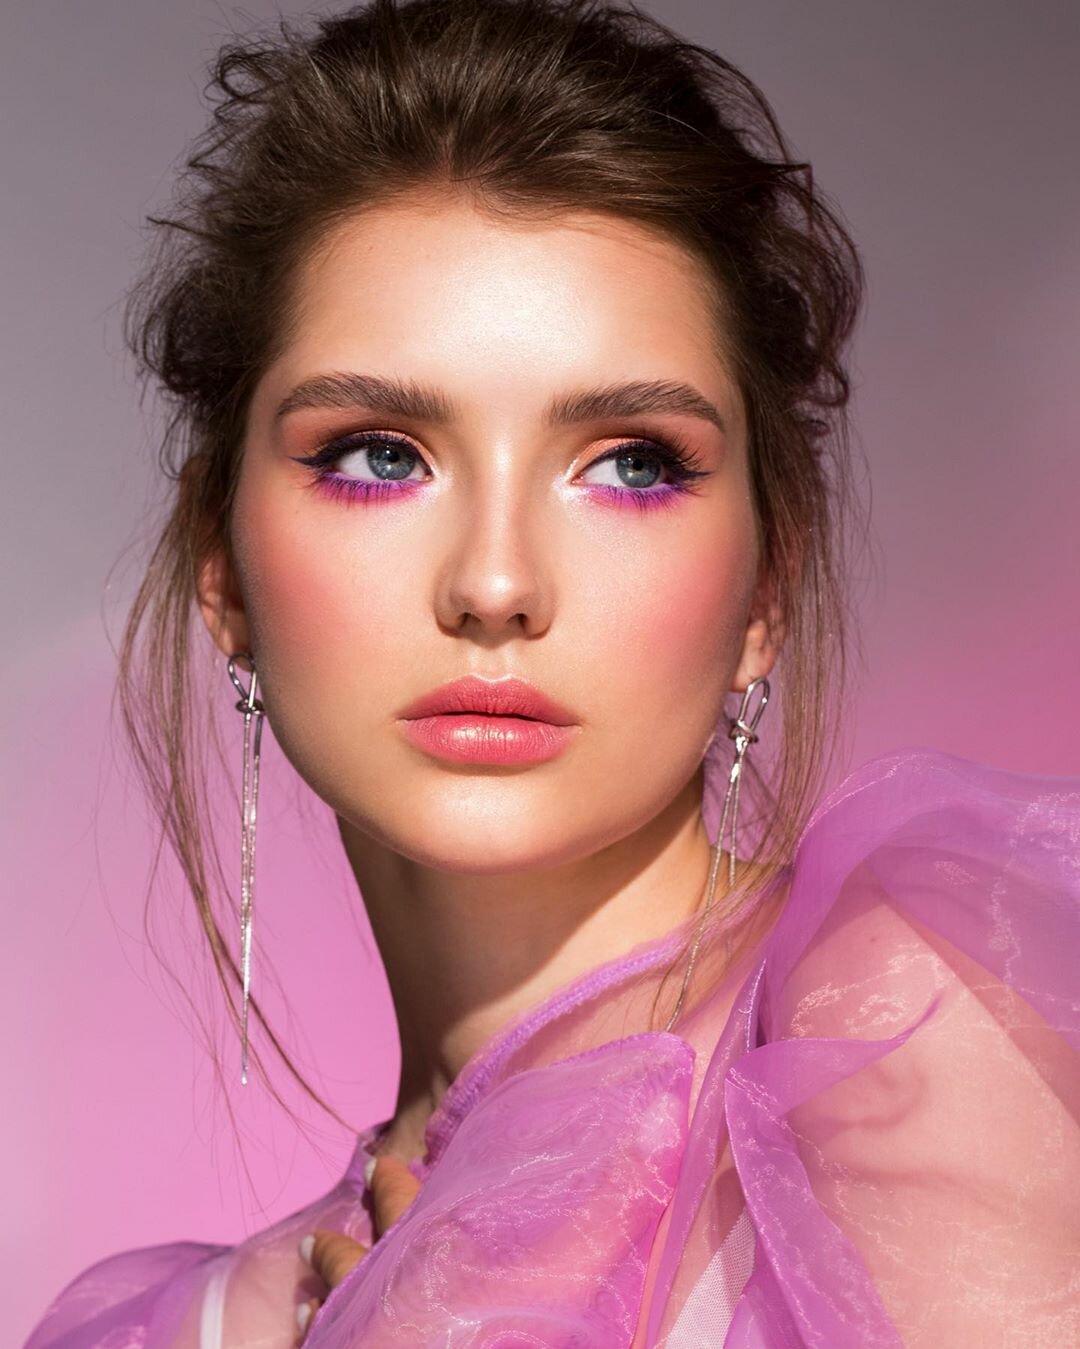 модели макияжа картинки гостинице славянка